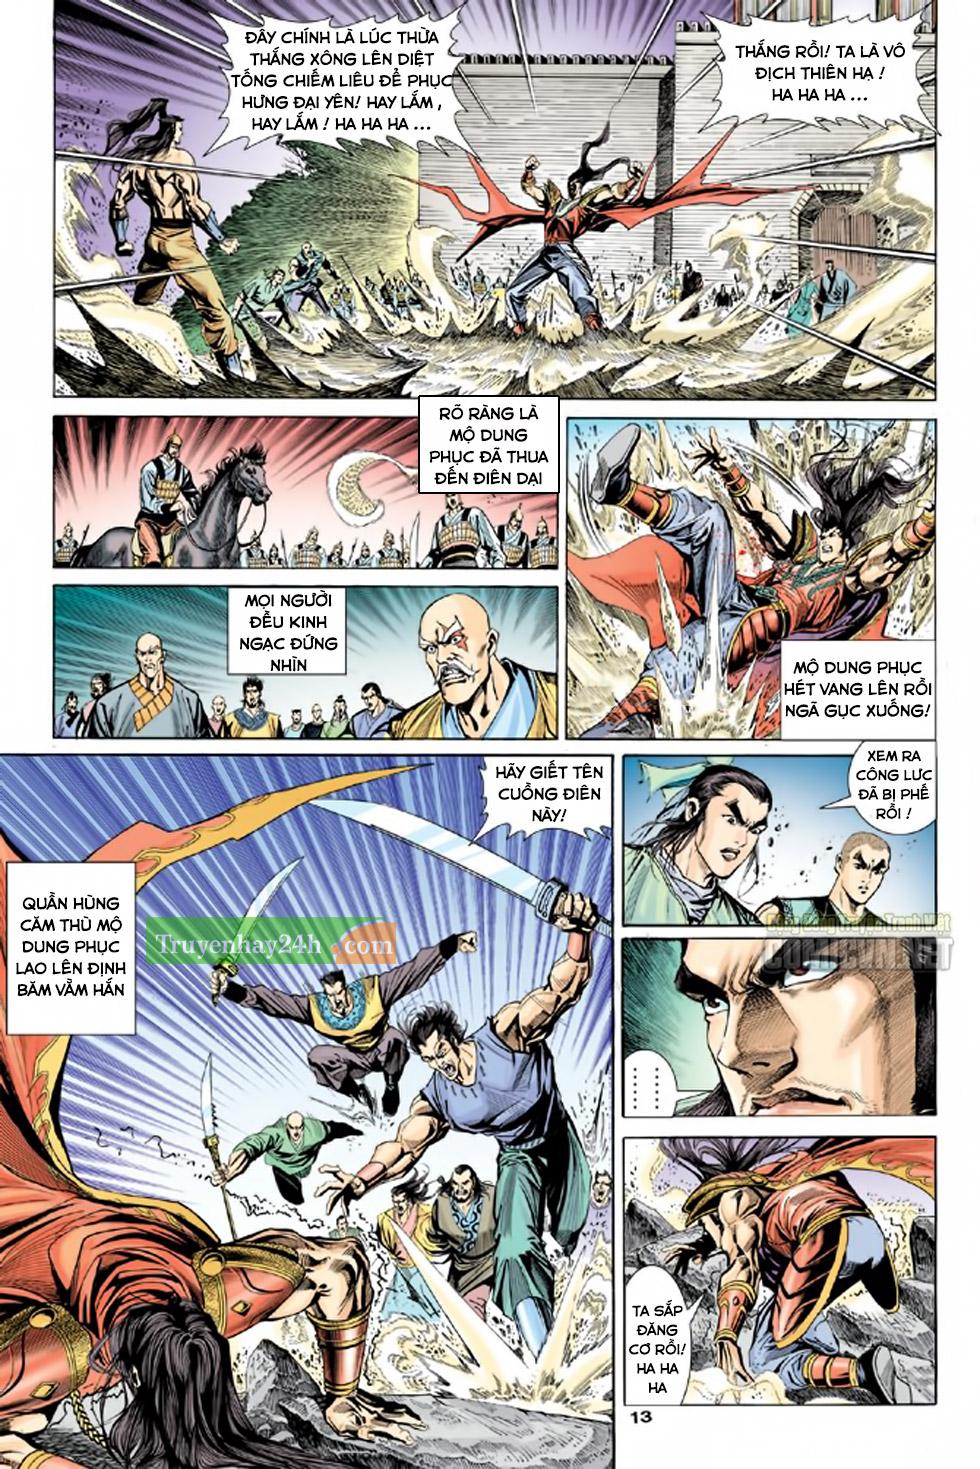 Thiên Long Bát Bộ chap 100 – End Trang 14 - Mangak.info